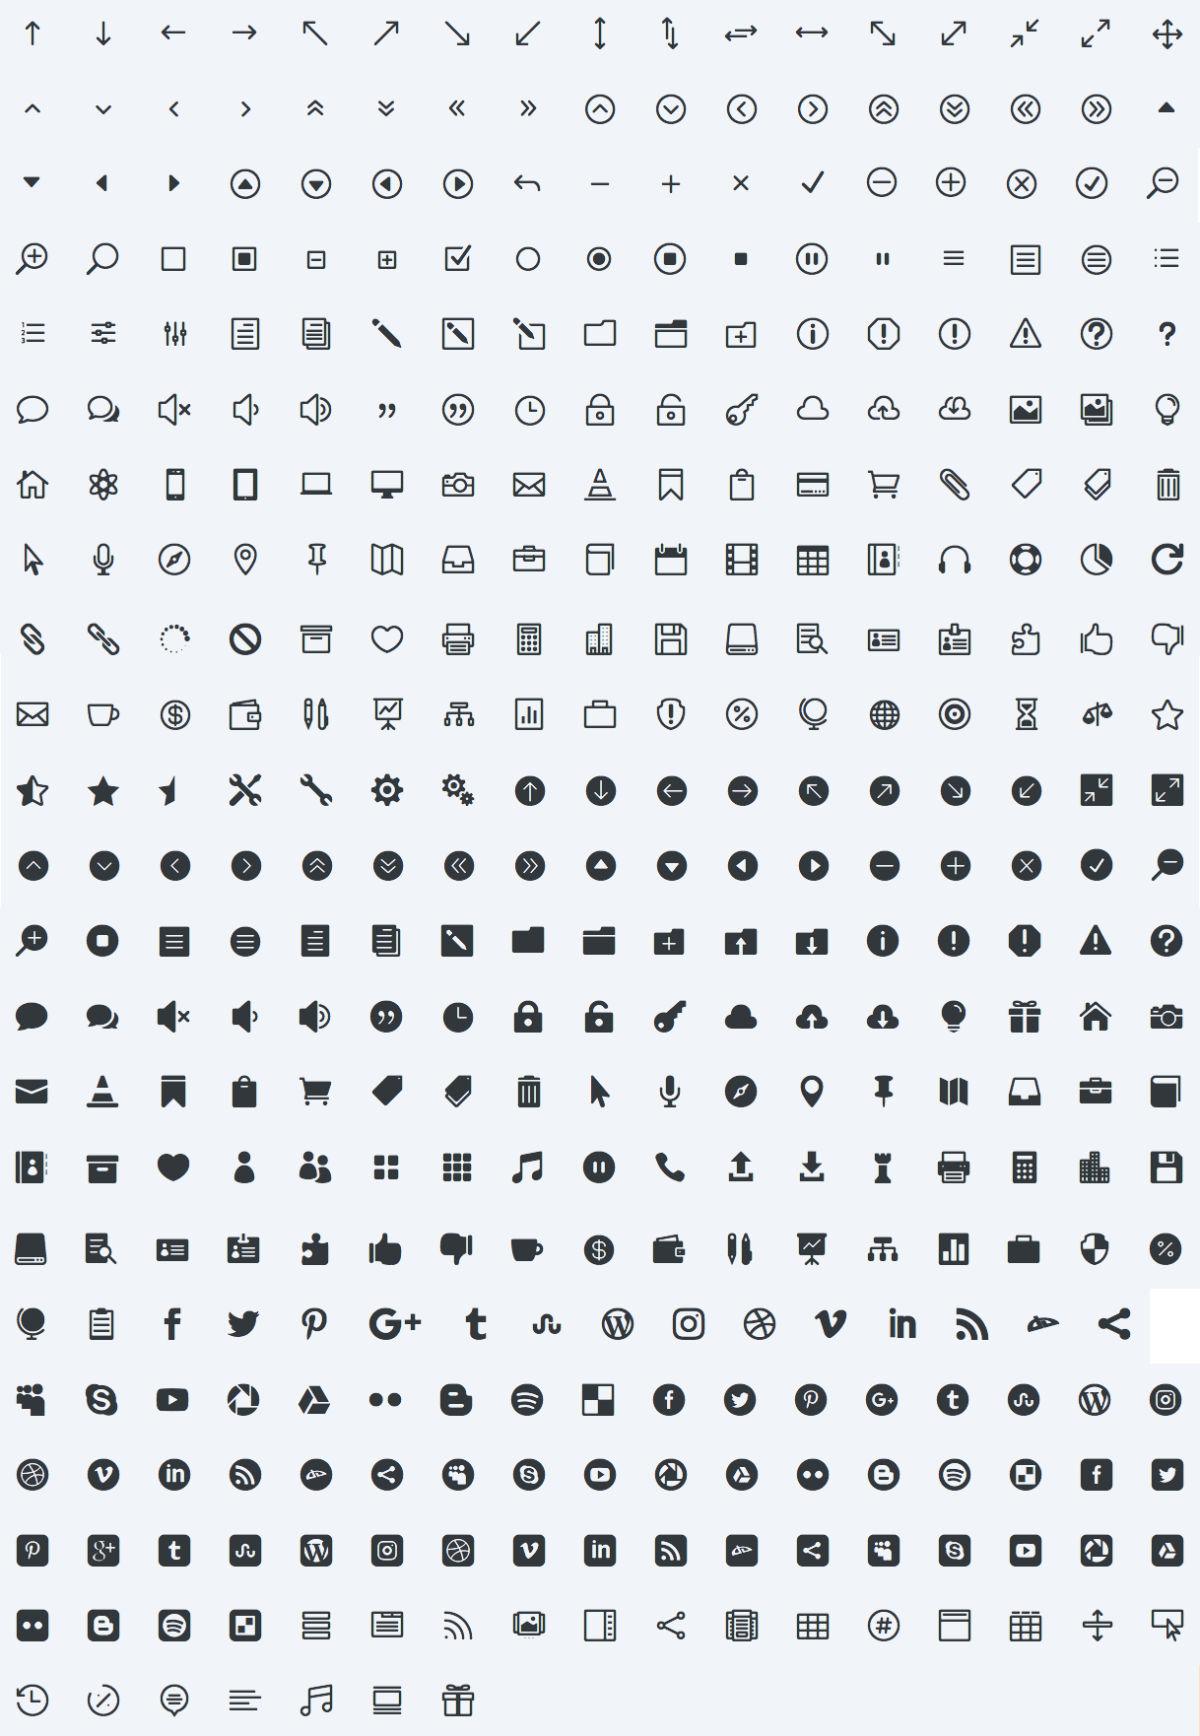 les 380 icônes de Divi